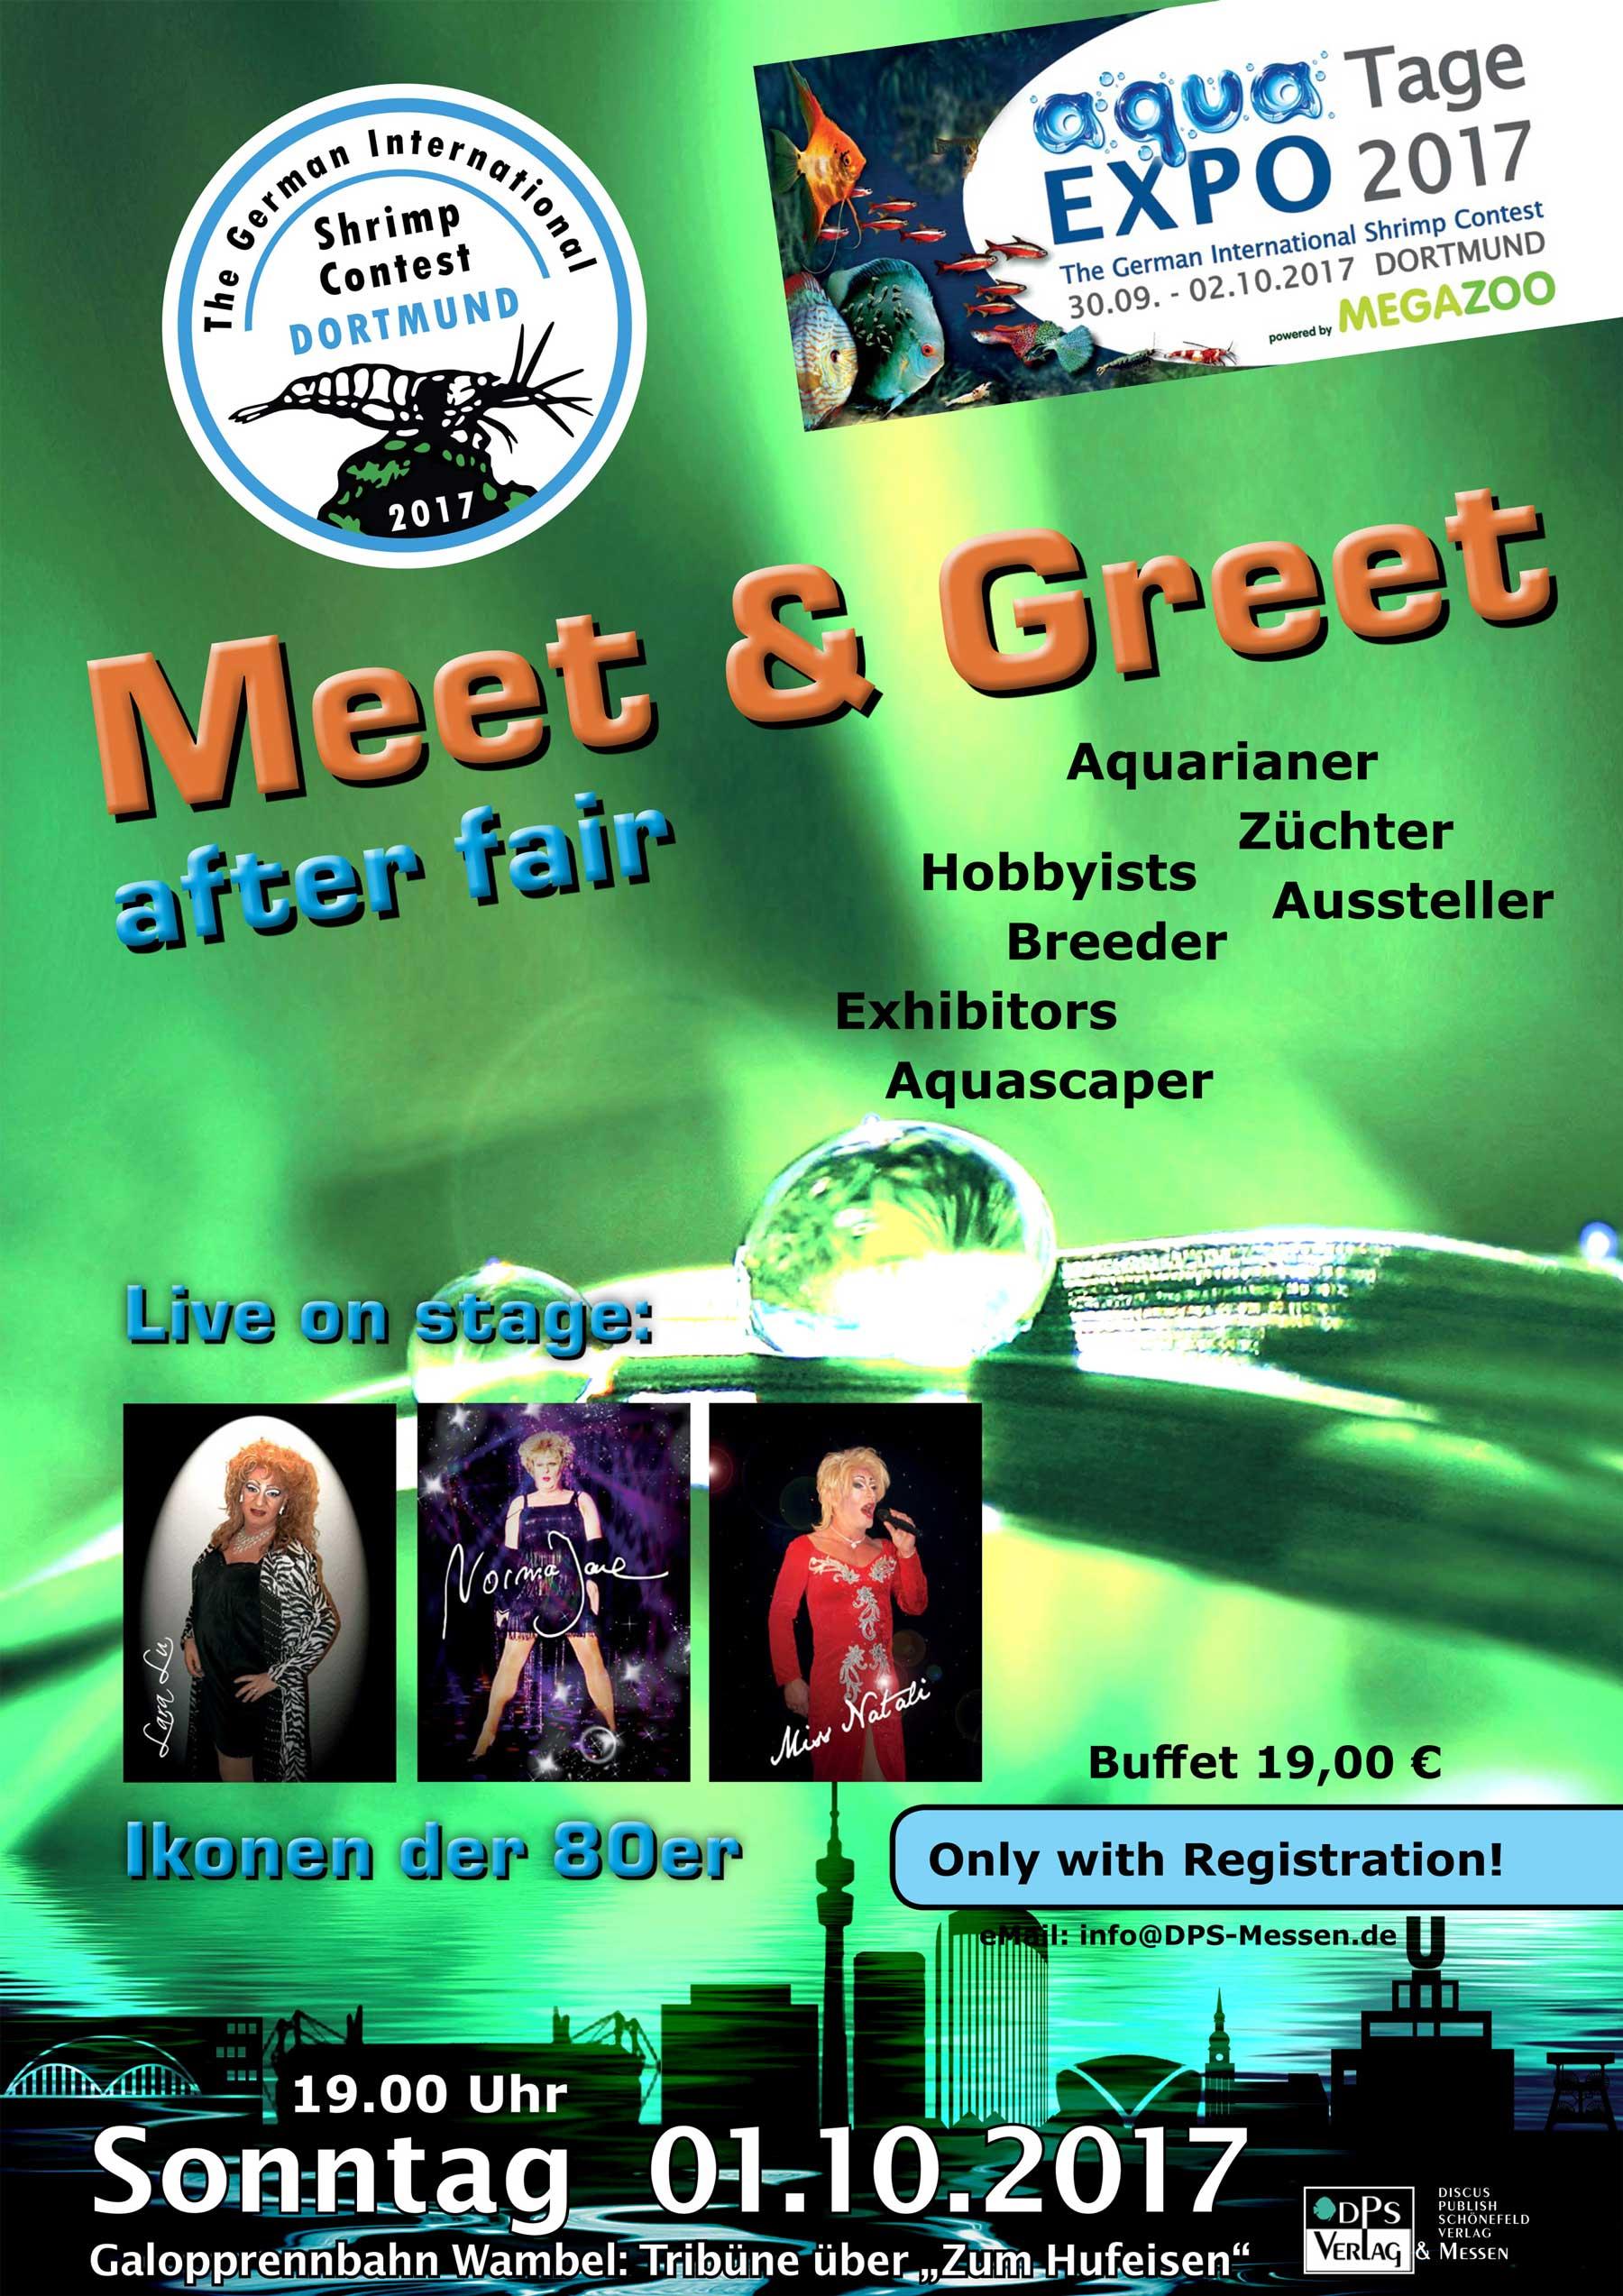 TGISC - aqua EXPO Tage - Meet and Greet - Dortmund